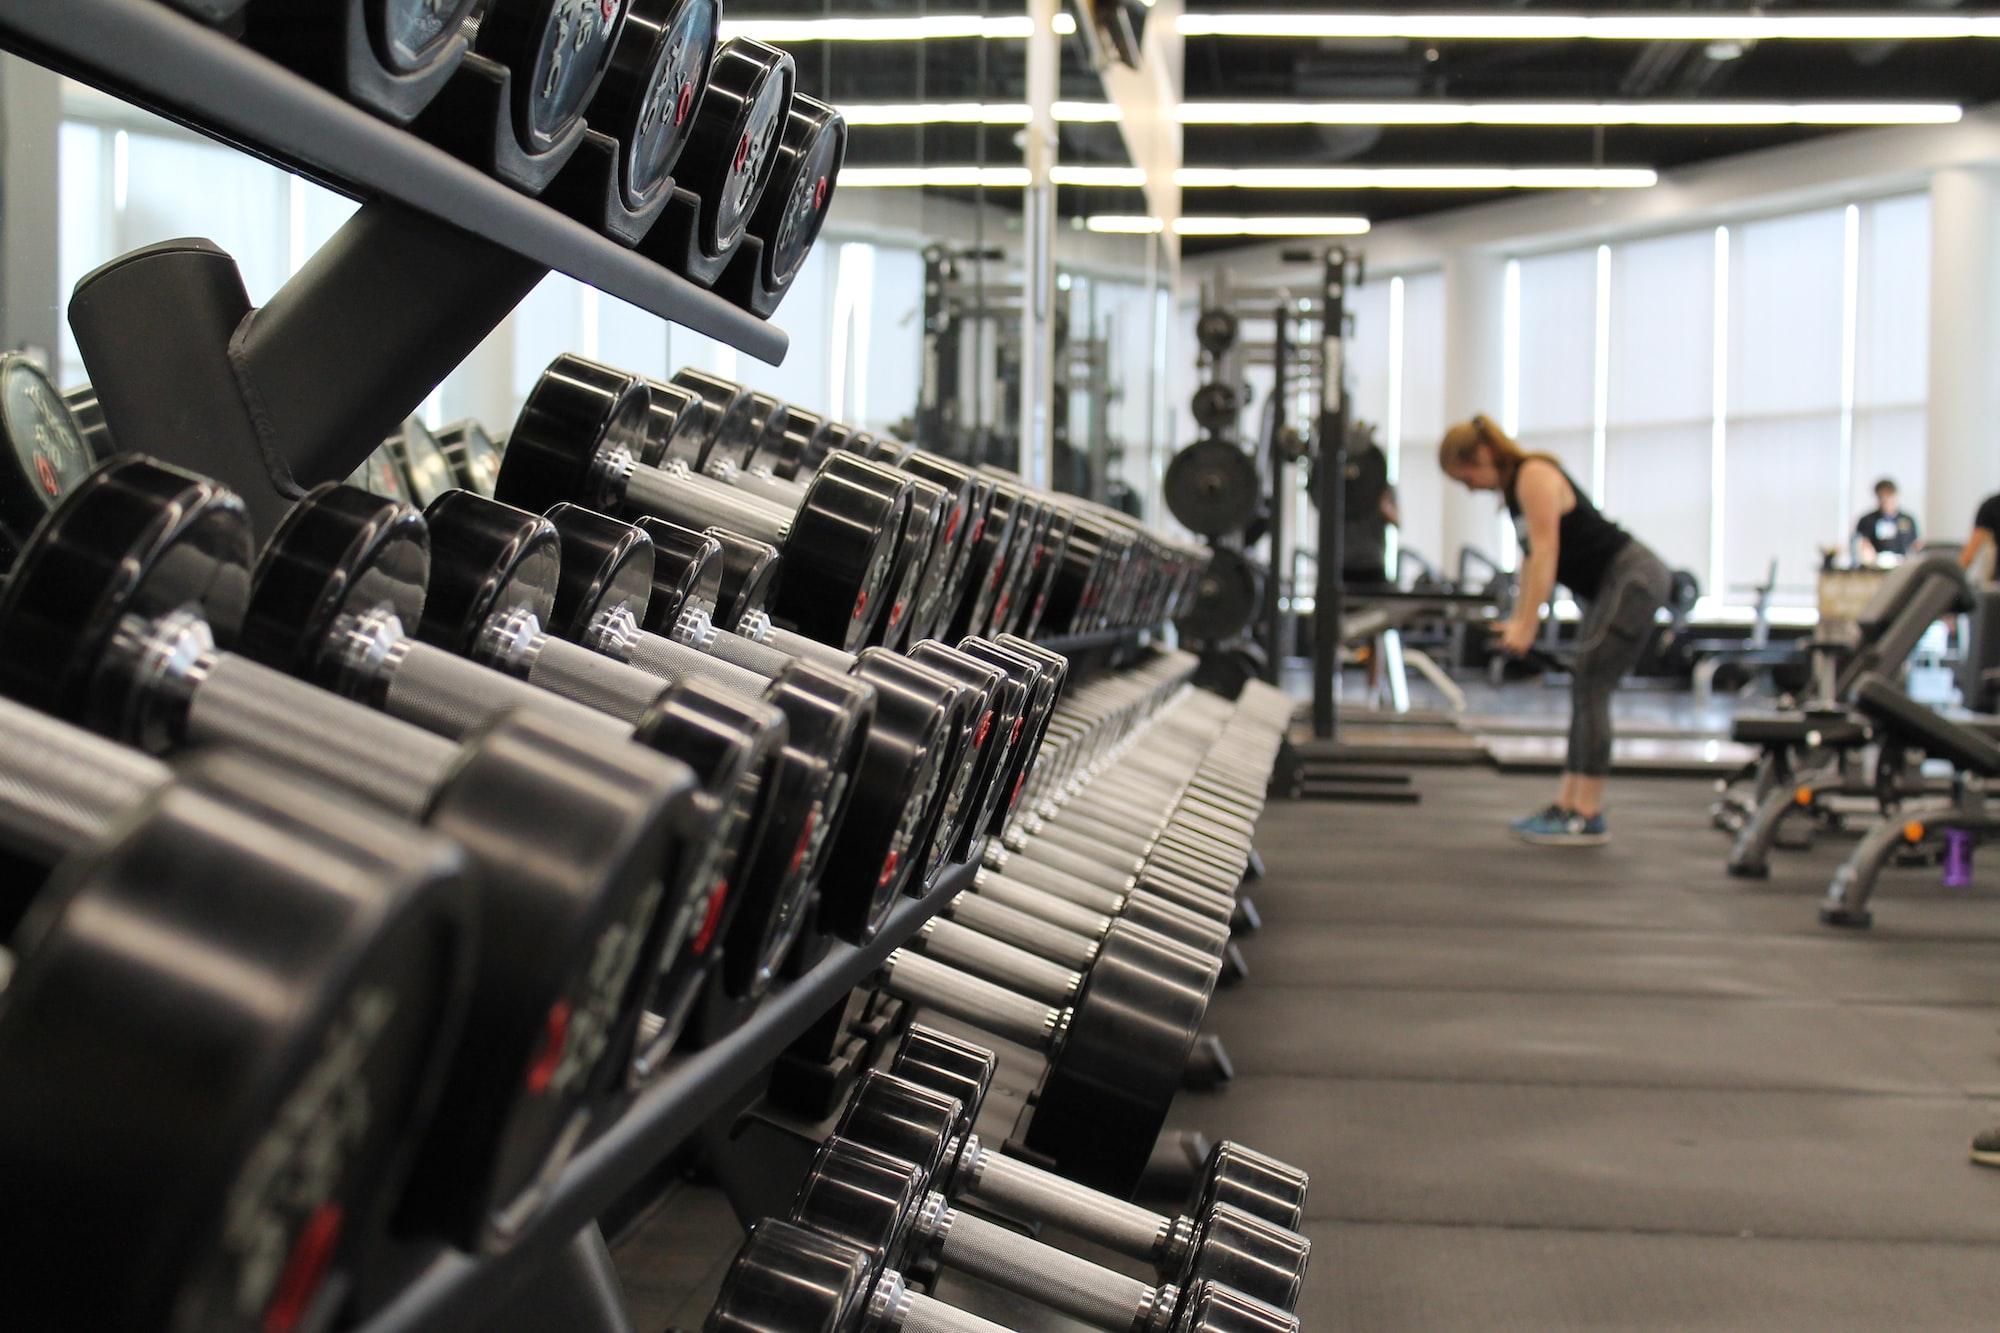 Weekly Drills 039 - #FitnessEquipment